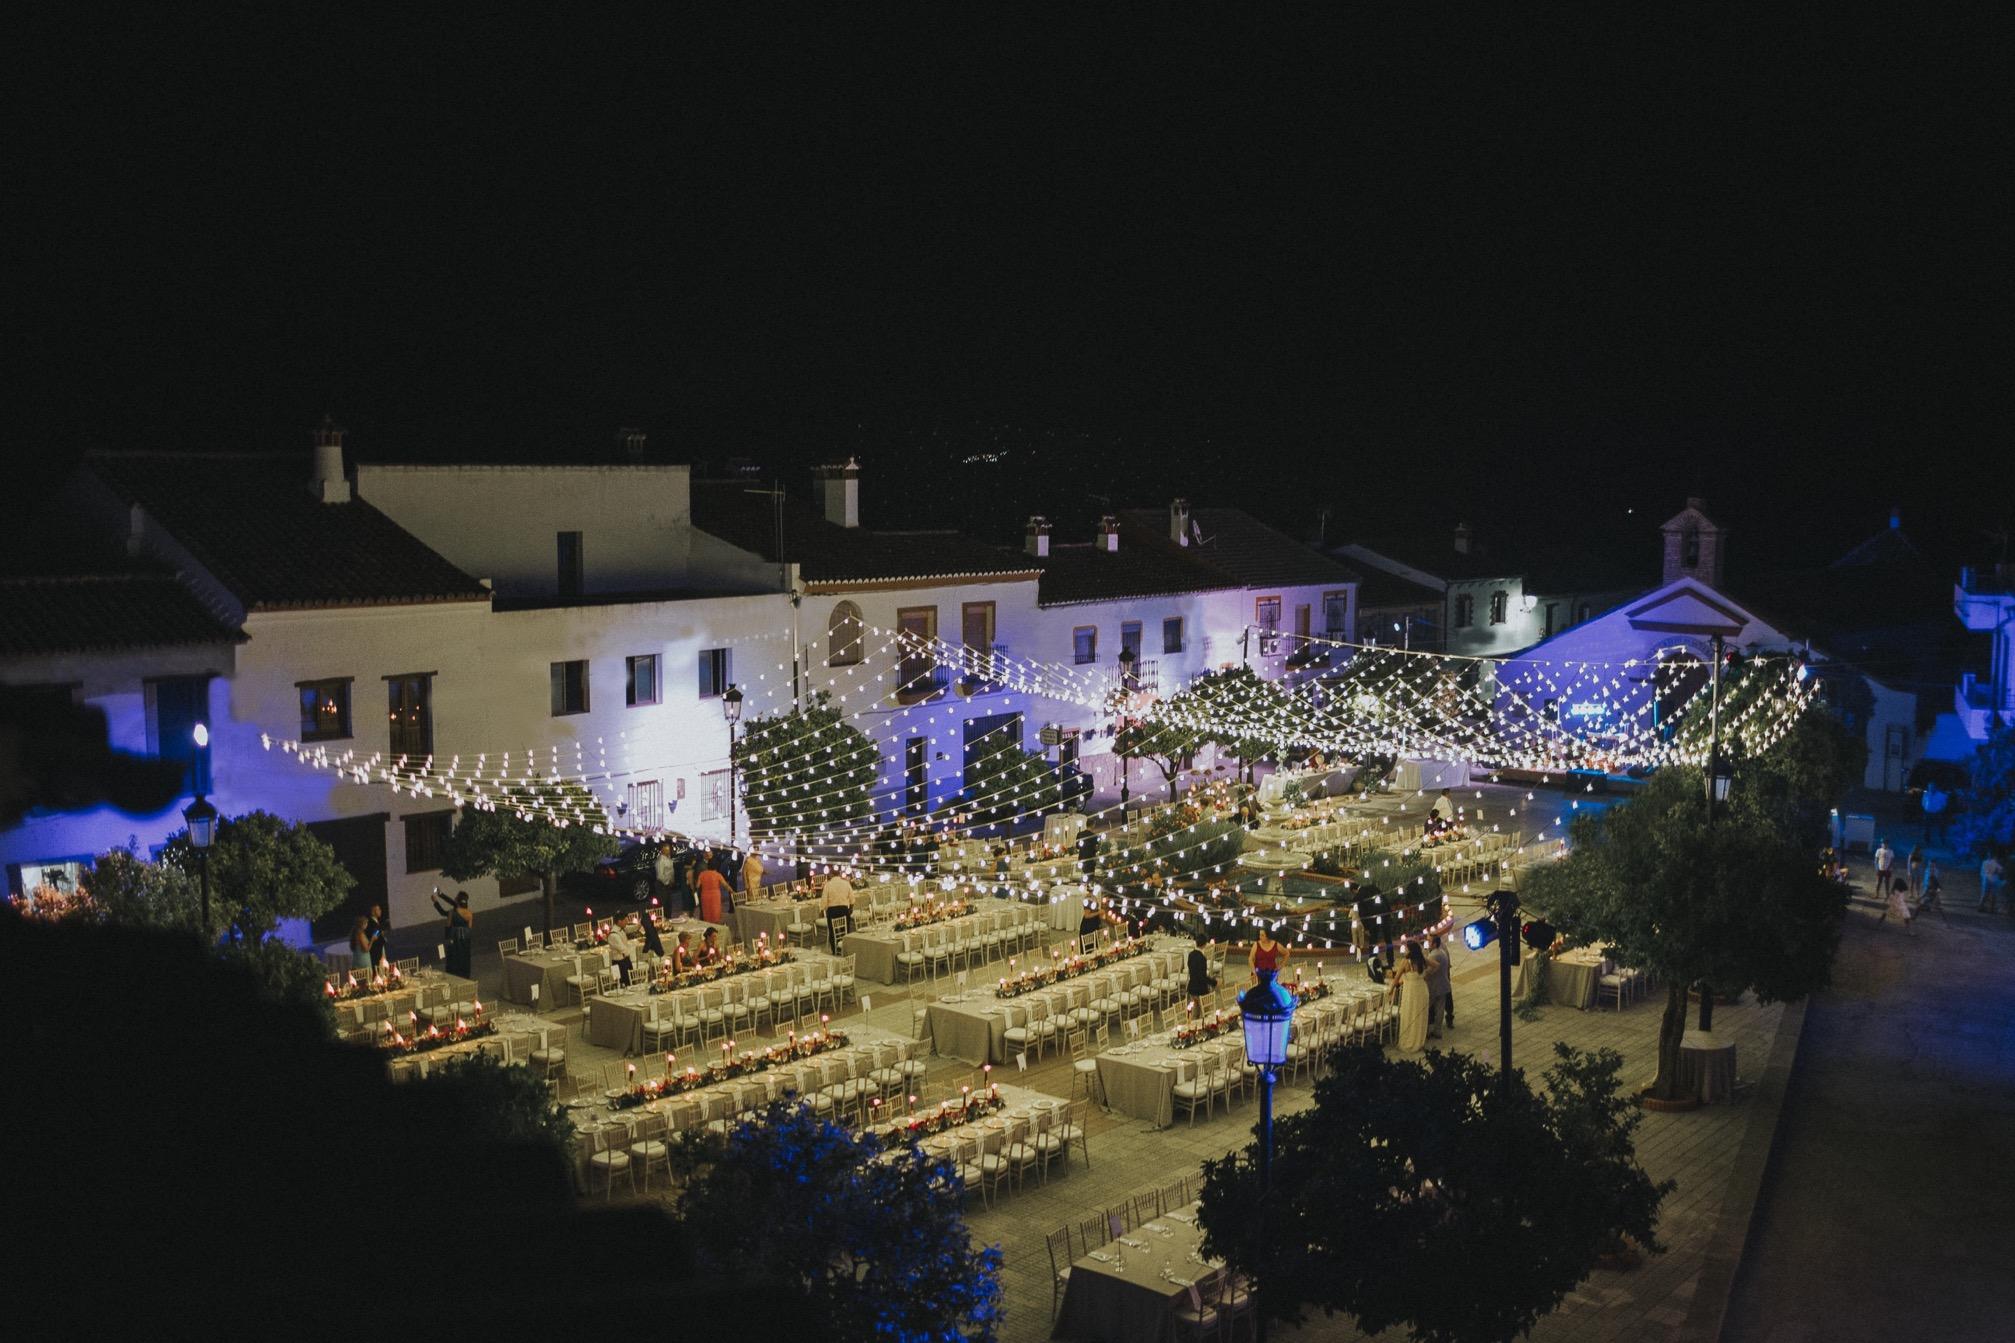 Si-Quiero-Wedding-Planner-By-Sira-Antequera-Bodas-Málaga-Marbella-Miami- Toñi-Jarri-7